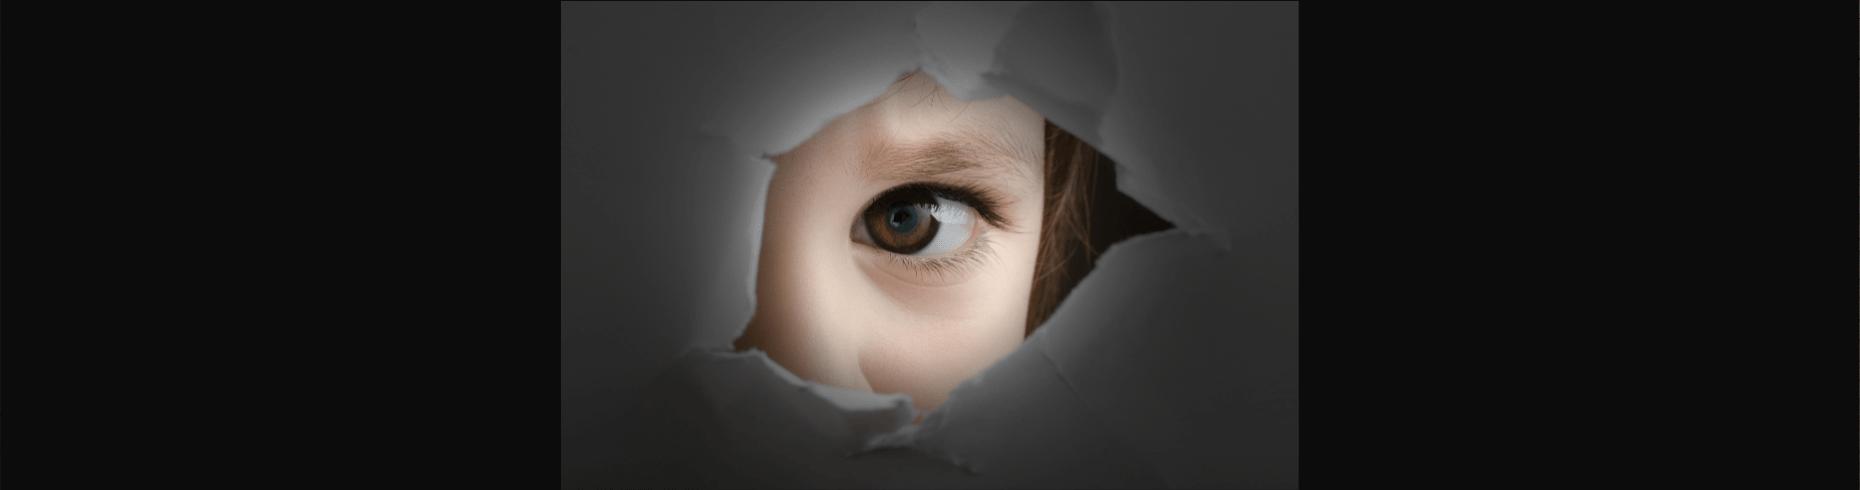 Lo spaventoso dominio dei social network